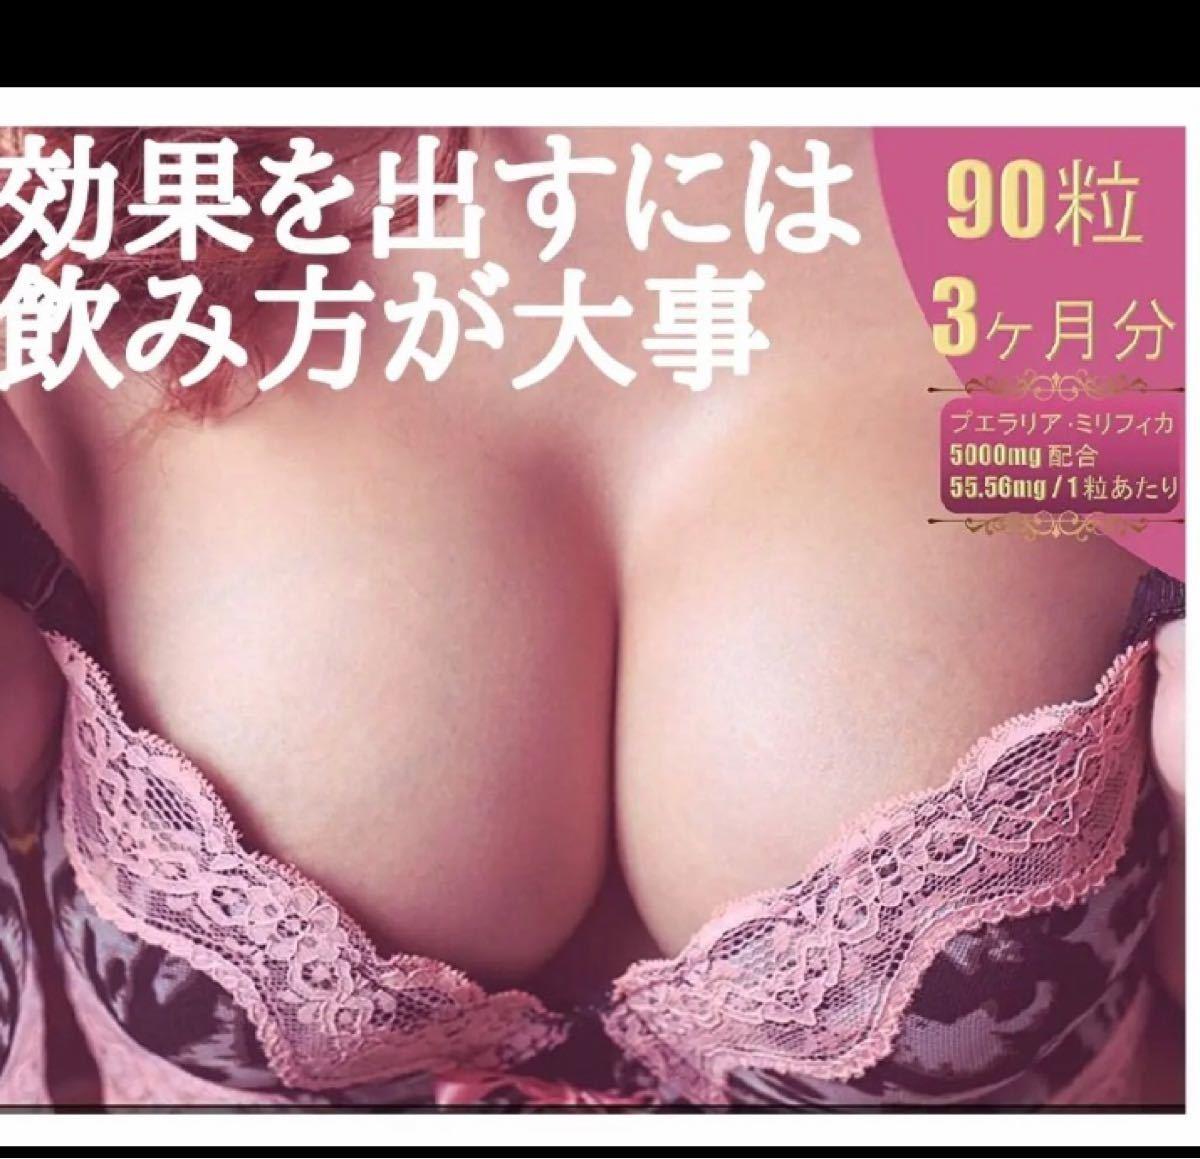 口コミ ロイヤルハニーアップ 『ロイヤルハニーアップ』の口コミ・評判から効果を調査!話題のバストアップサプリを斬る!!